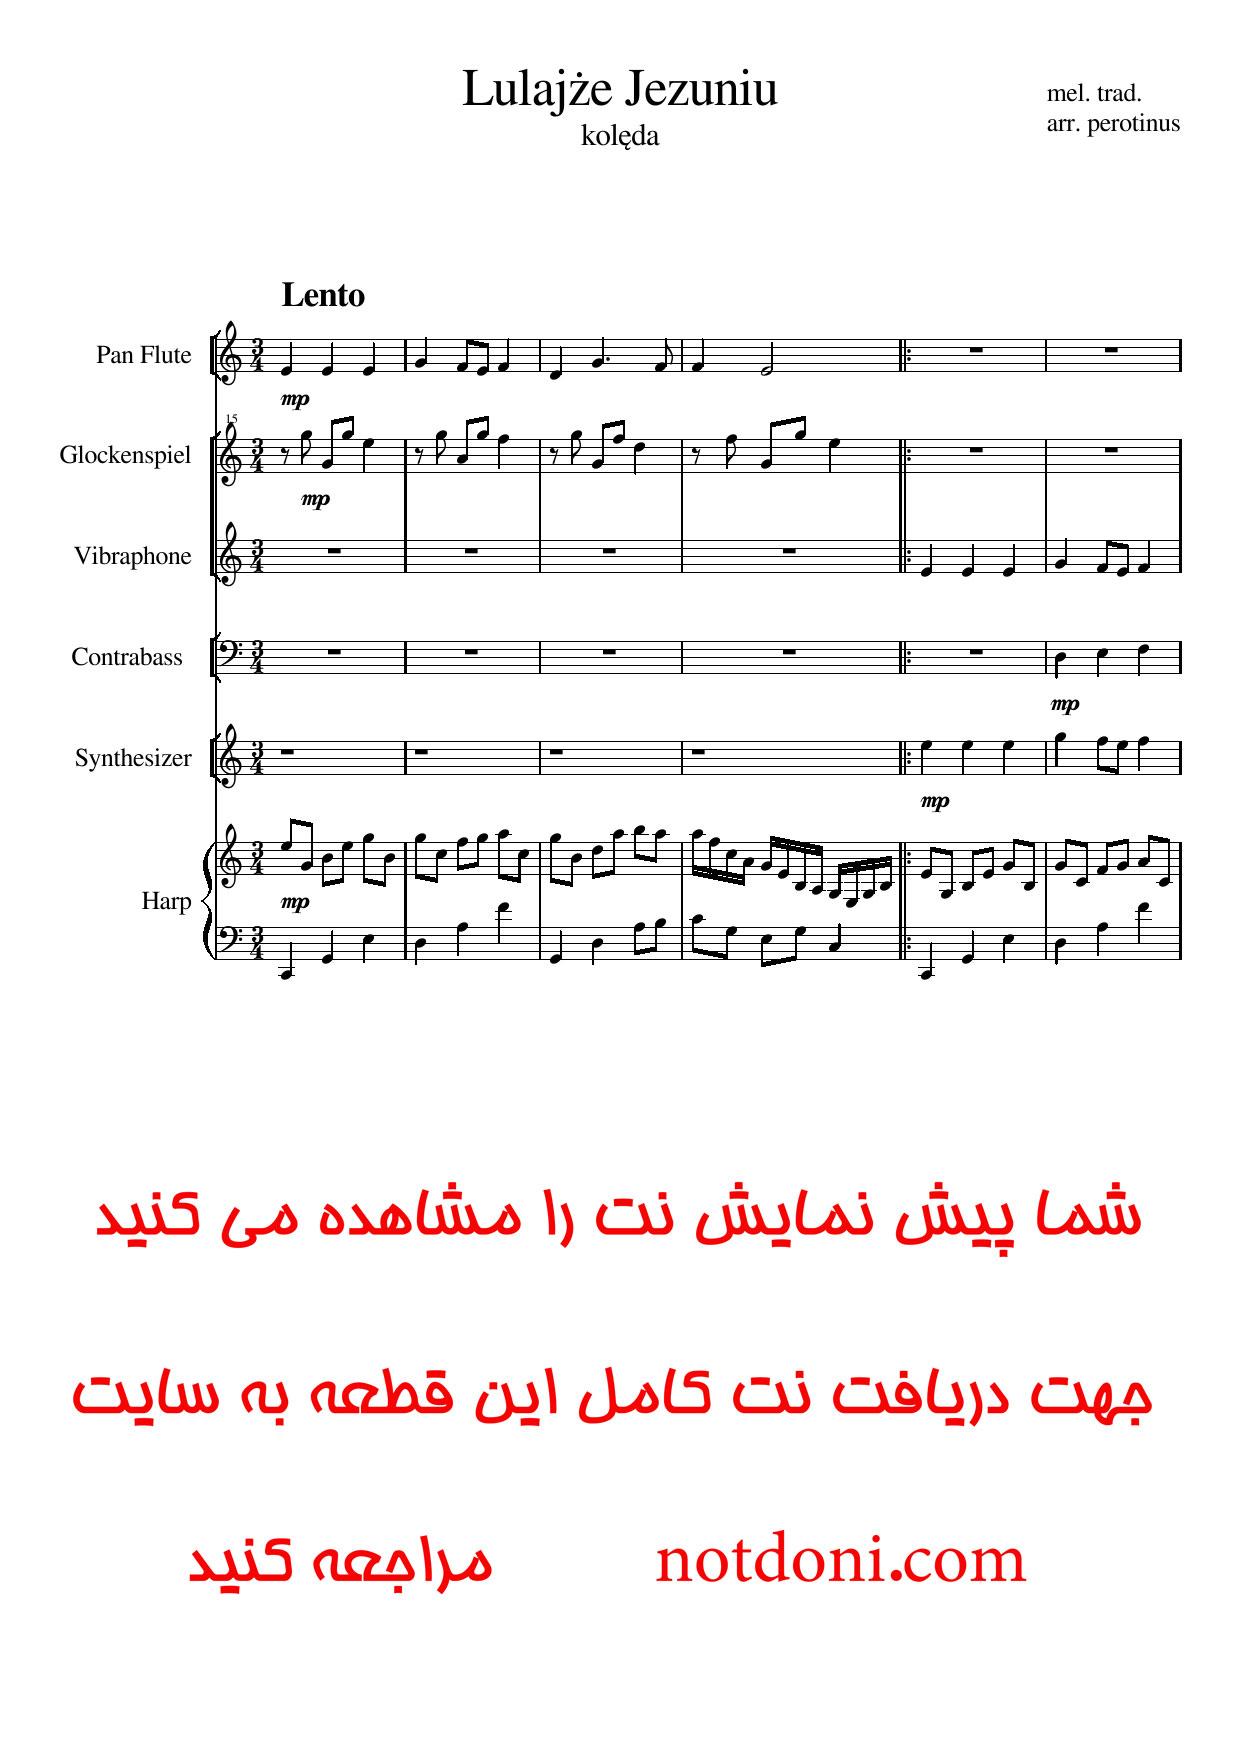 پارتیتور قطعه Lulajze_Jezuniu برای سازهای کوبه ای و زهی